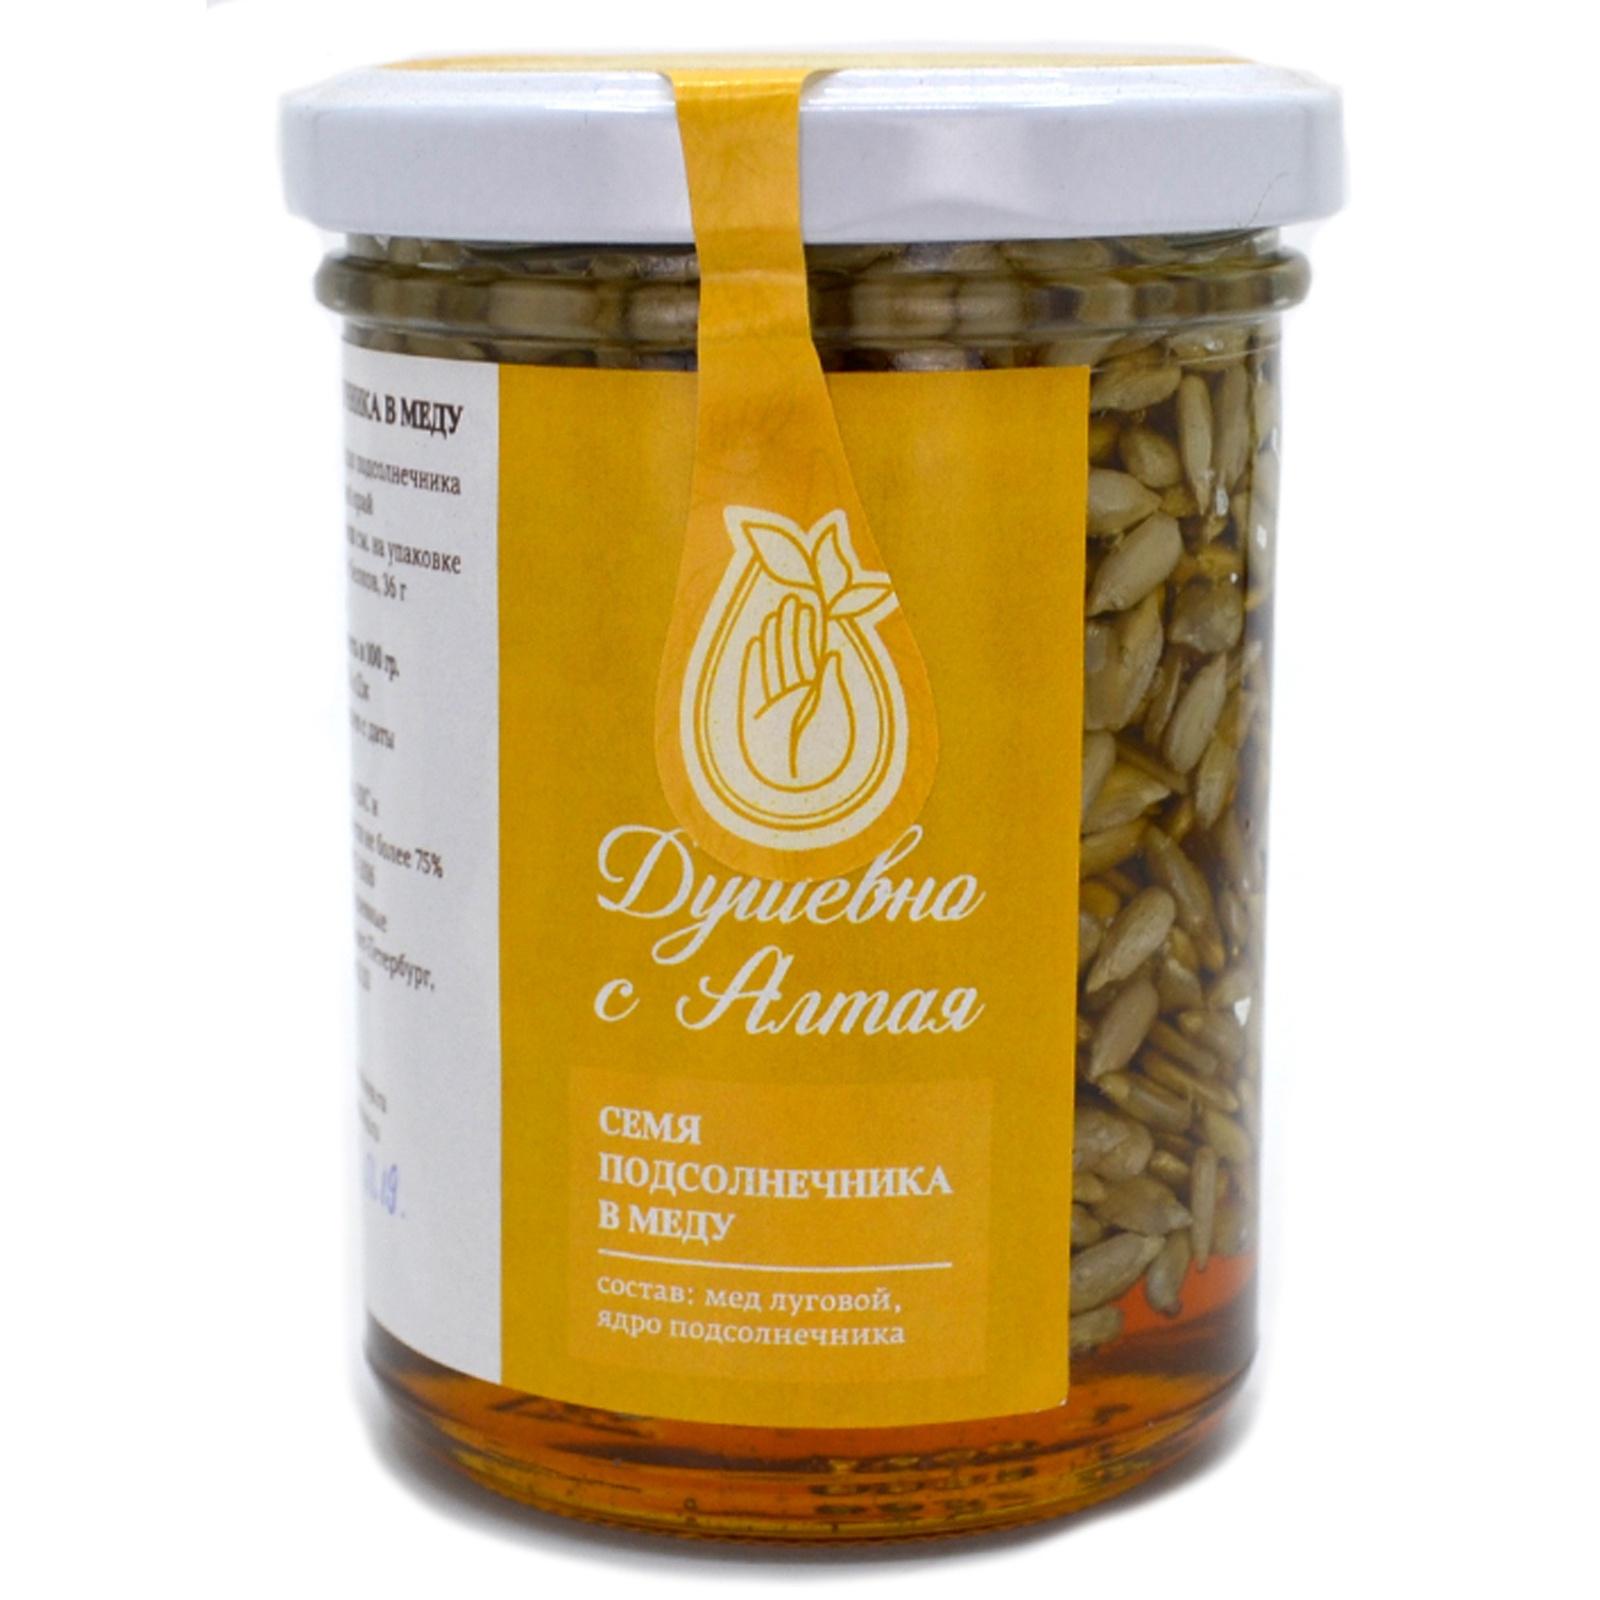 Семя подсолнечника в меду, 230 г. good foodсемечкиподсолнечникажареные 150г